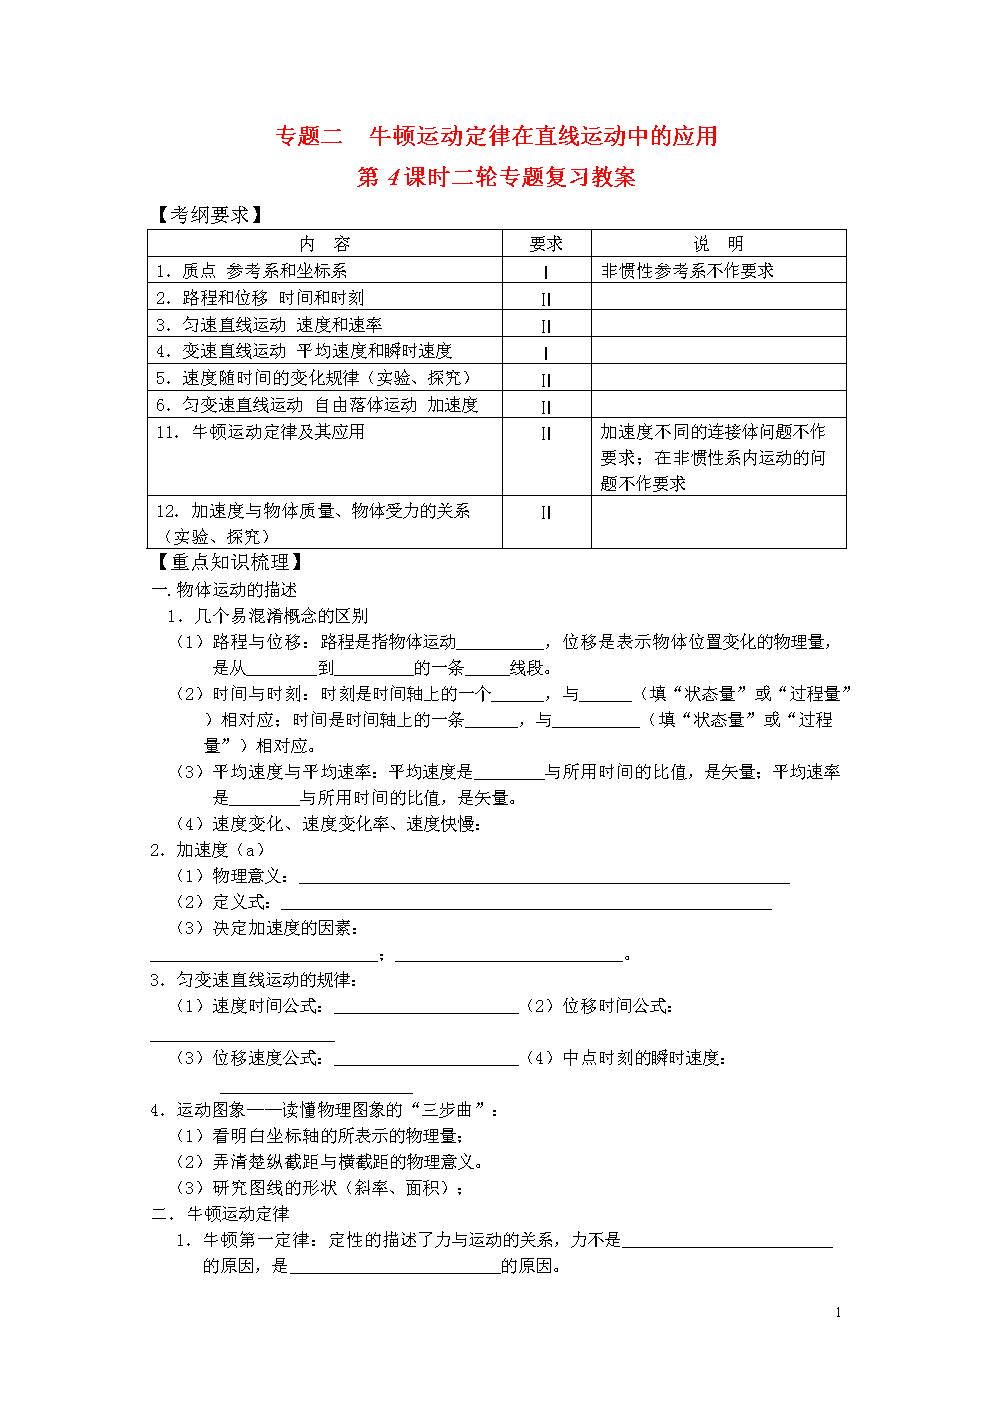 高考物理 专题二 牛顿运动定律在直线运动中的应用教案.doc